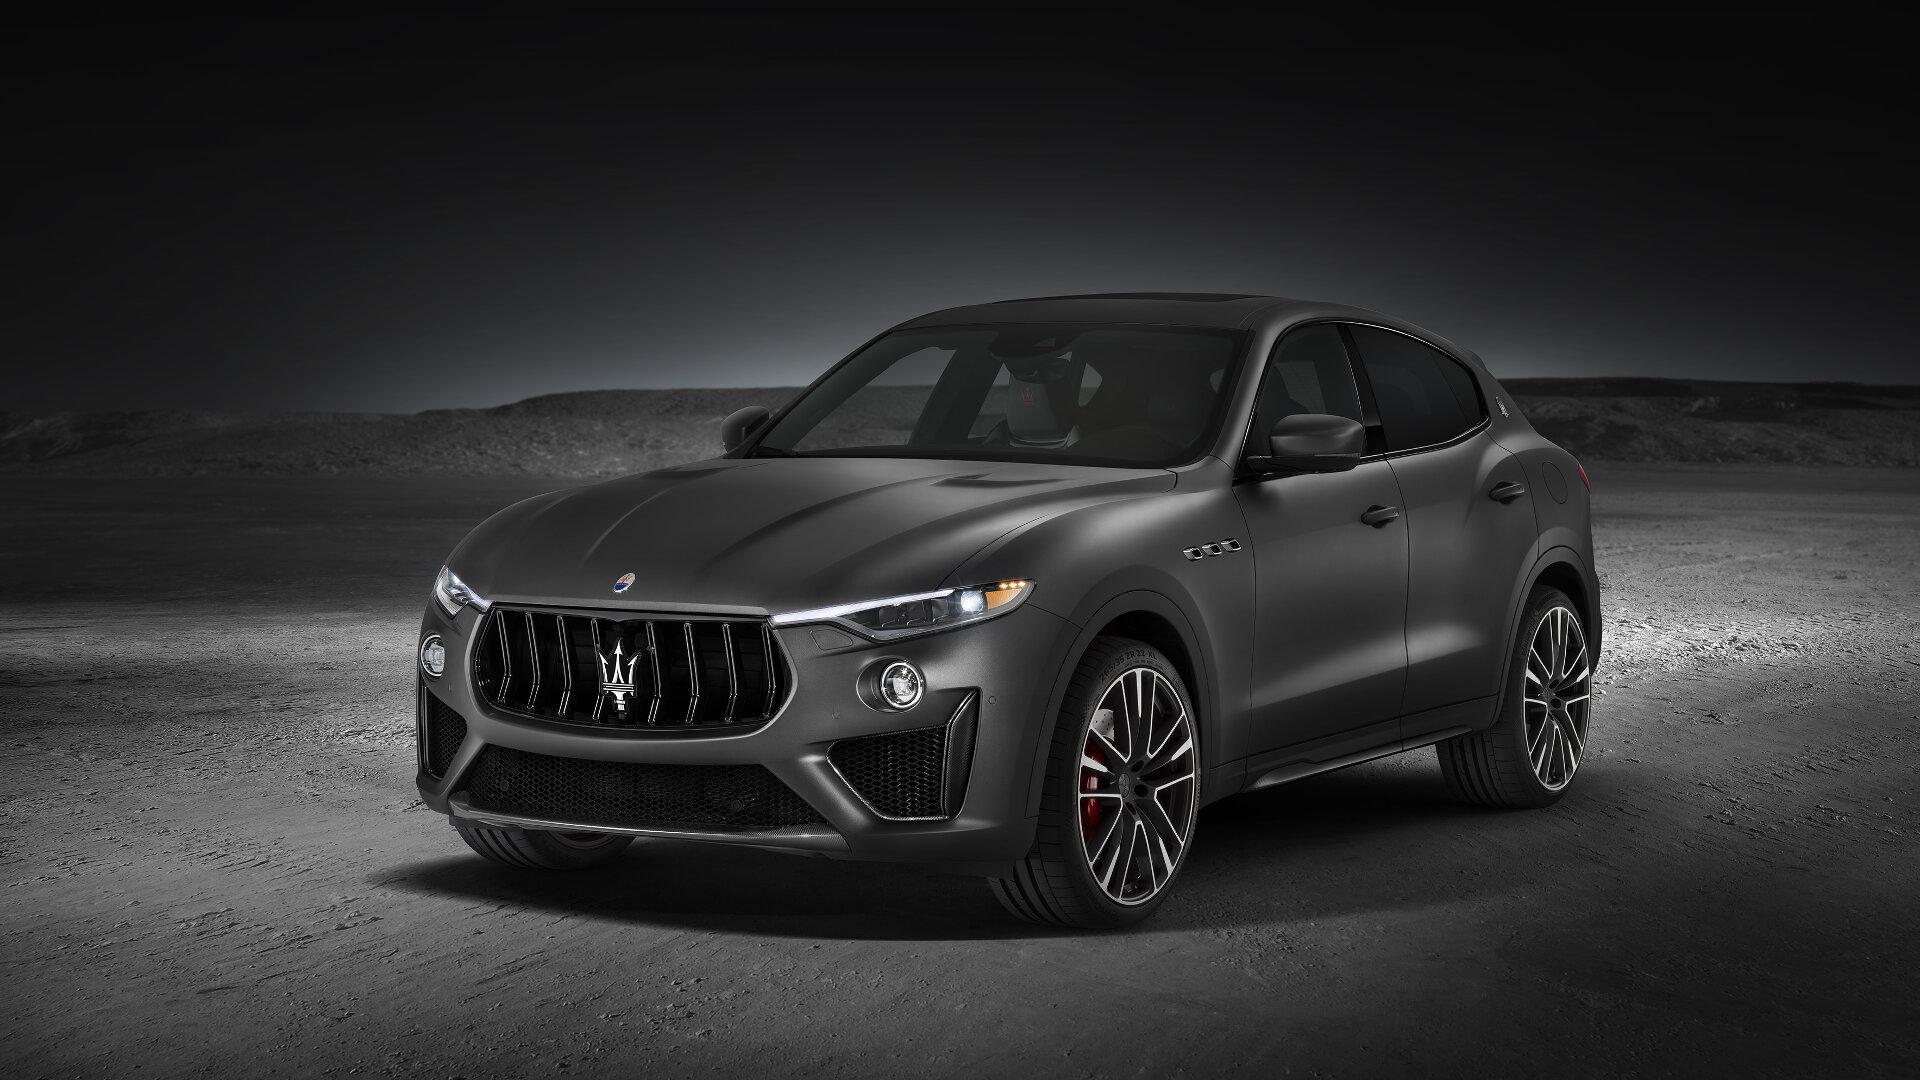 El nuevo Maserati Levante Trofeo se presenta en Nueva York